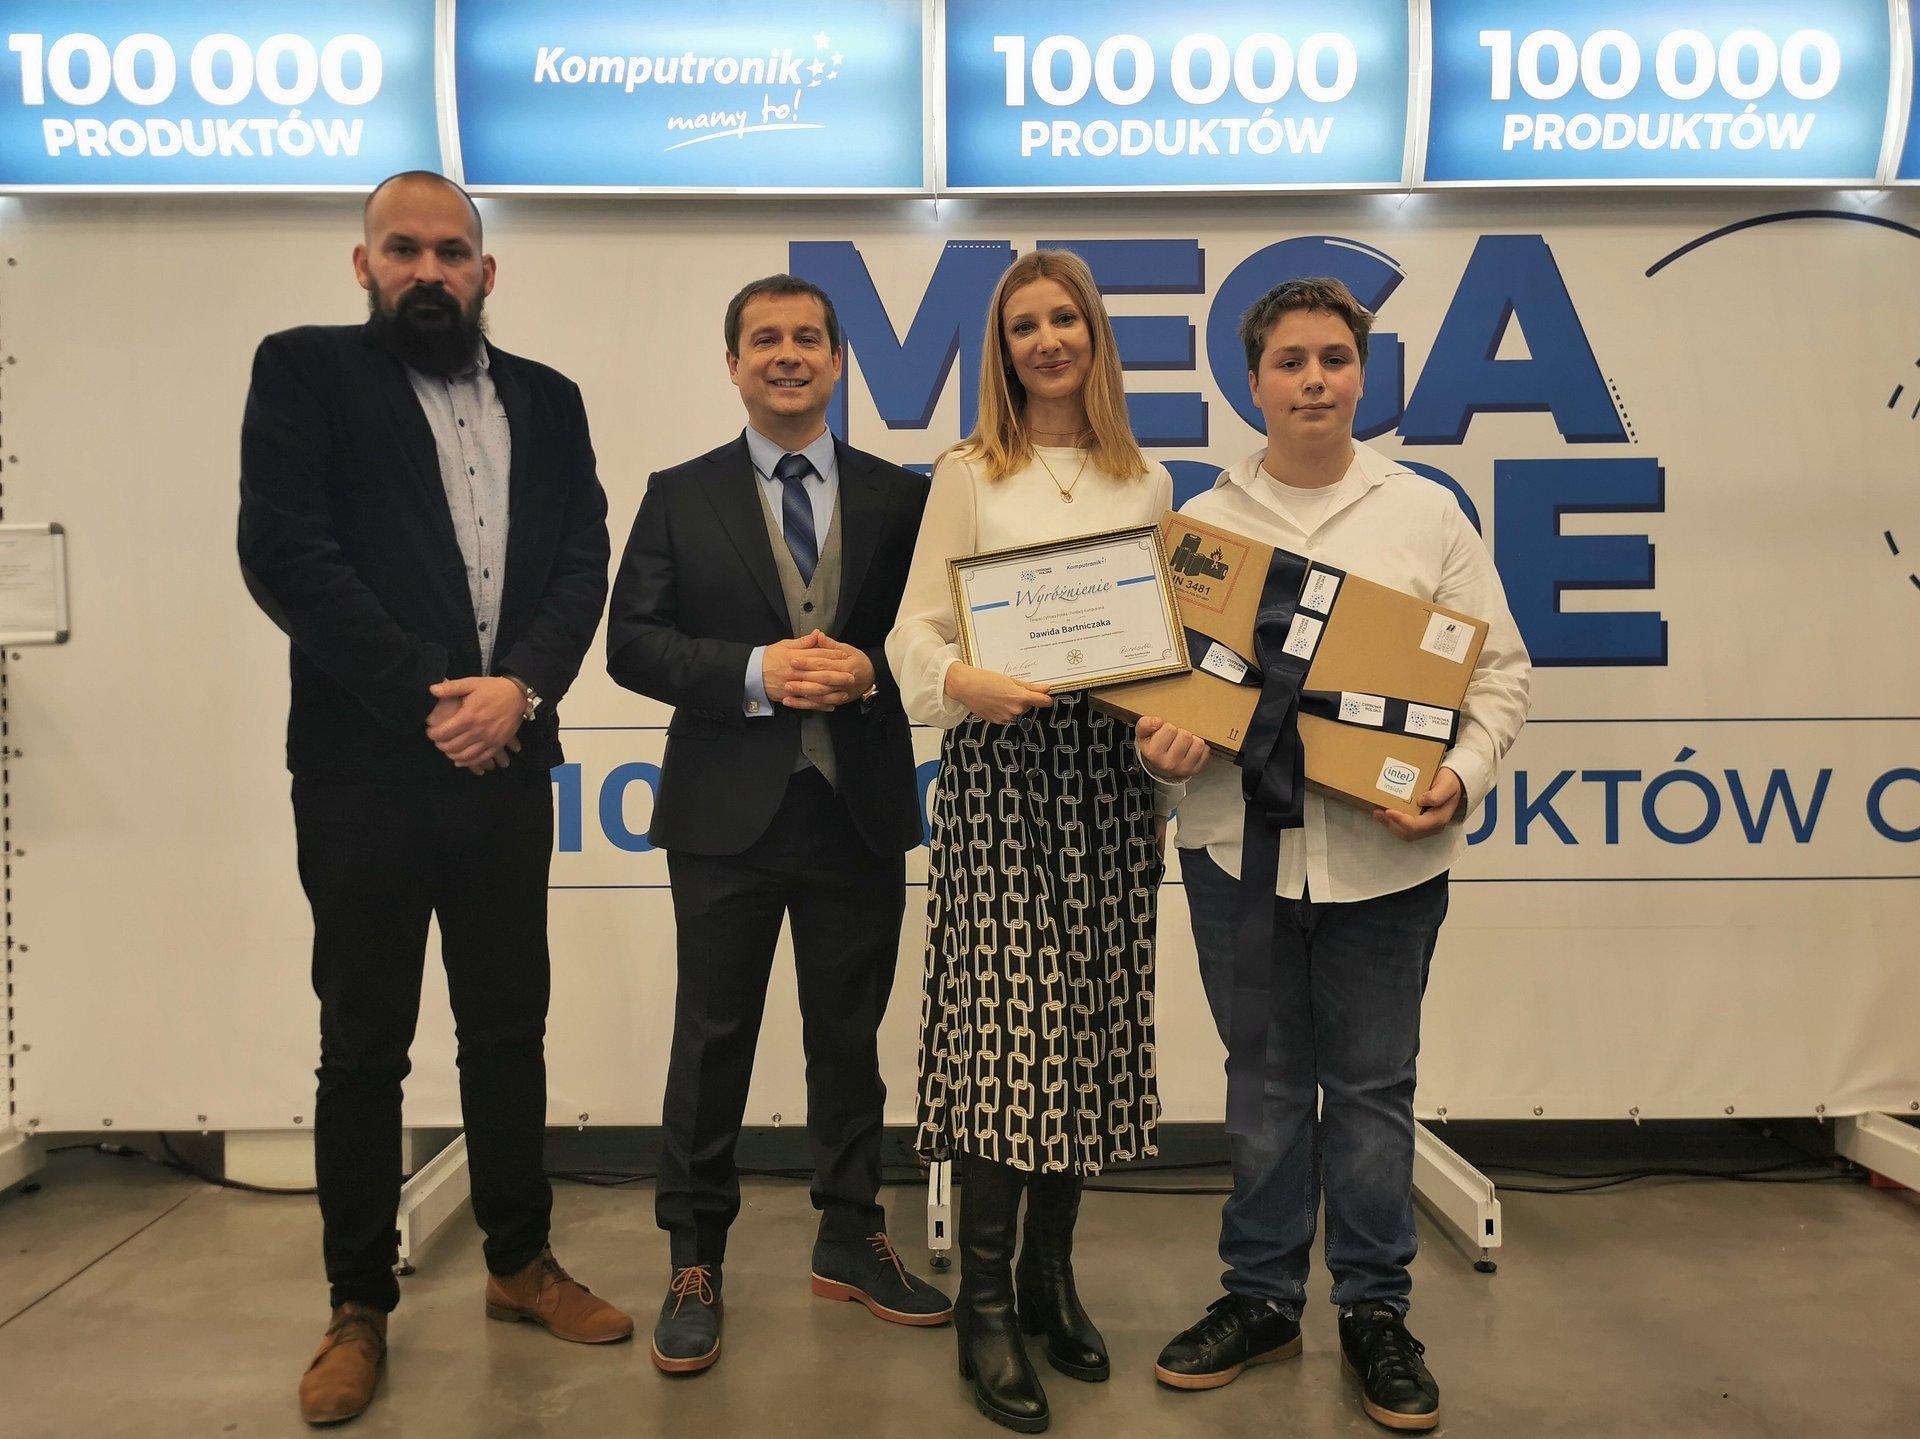 Minister Przedsiębiorczości i Technologii docenia beneficjenta Fundacji Komputronik!